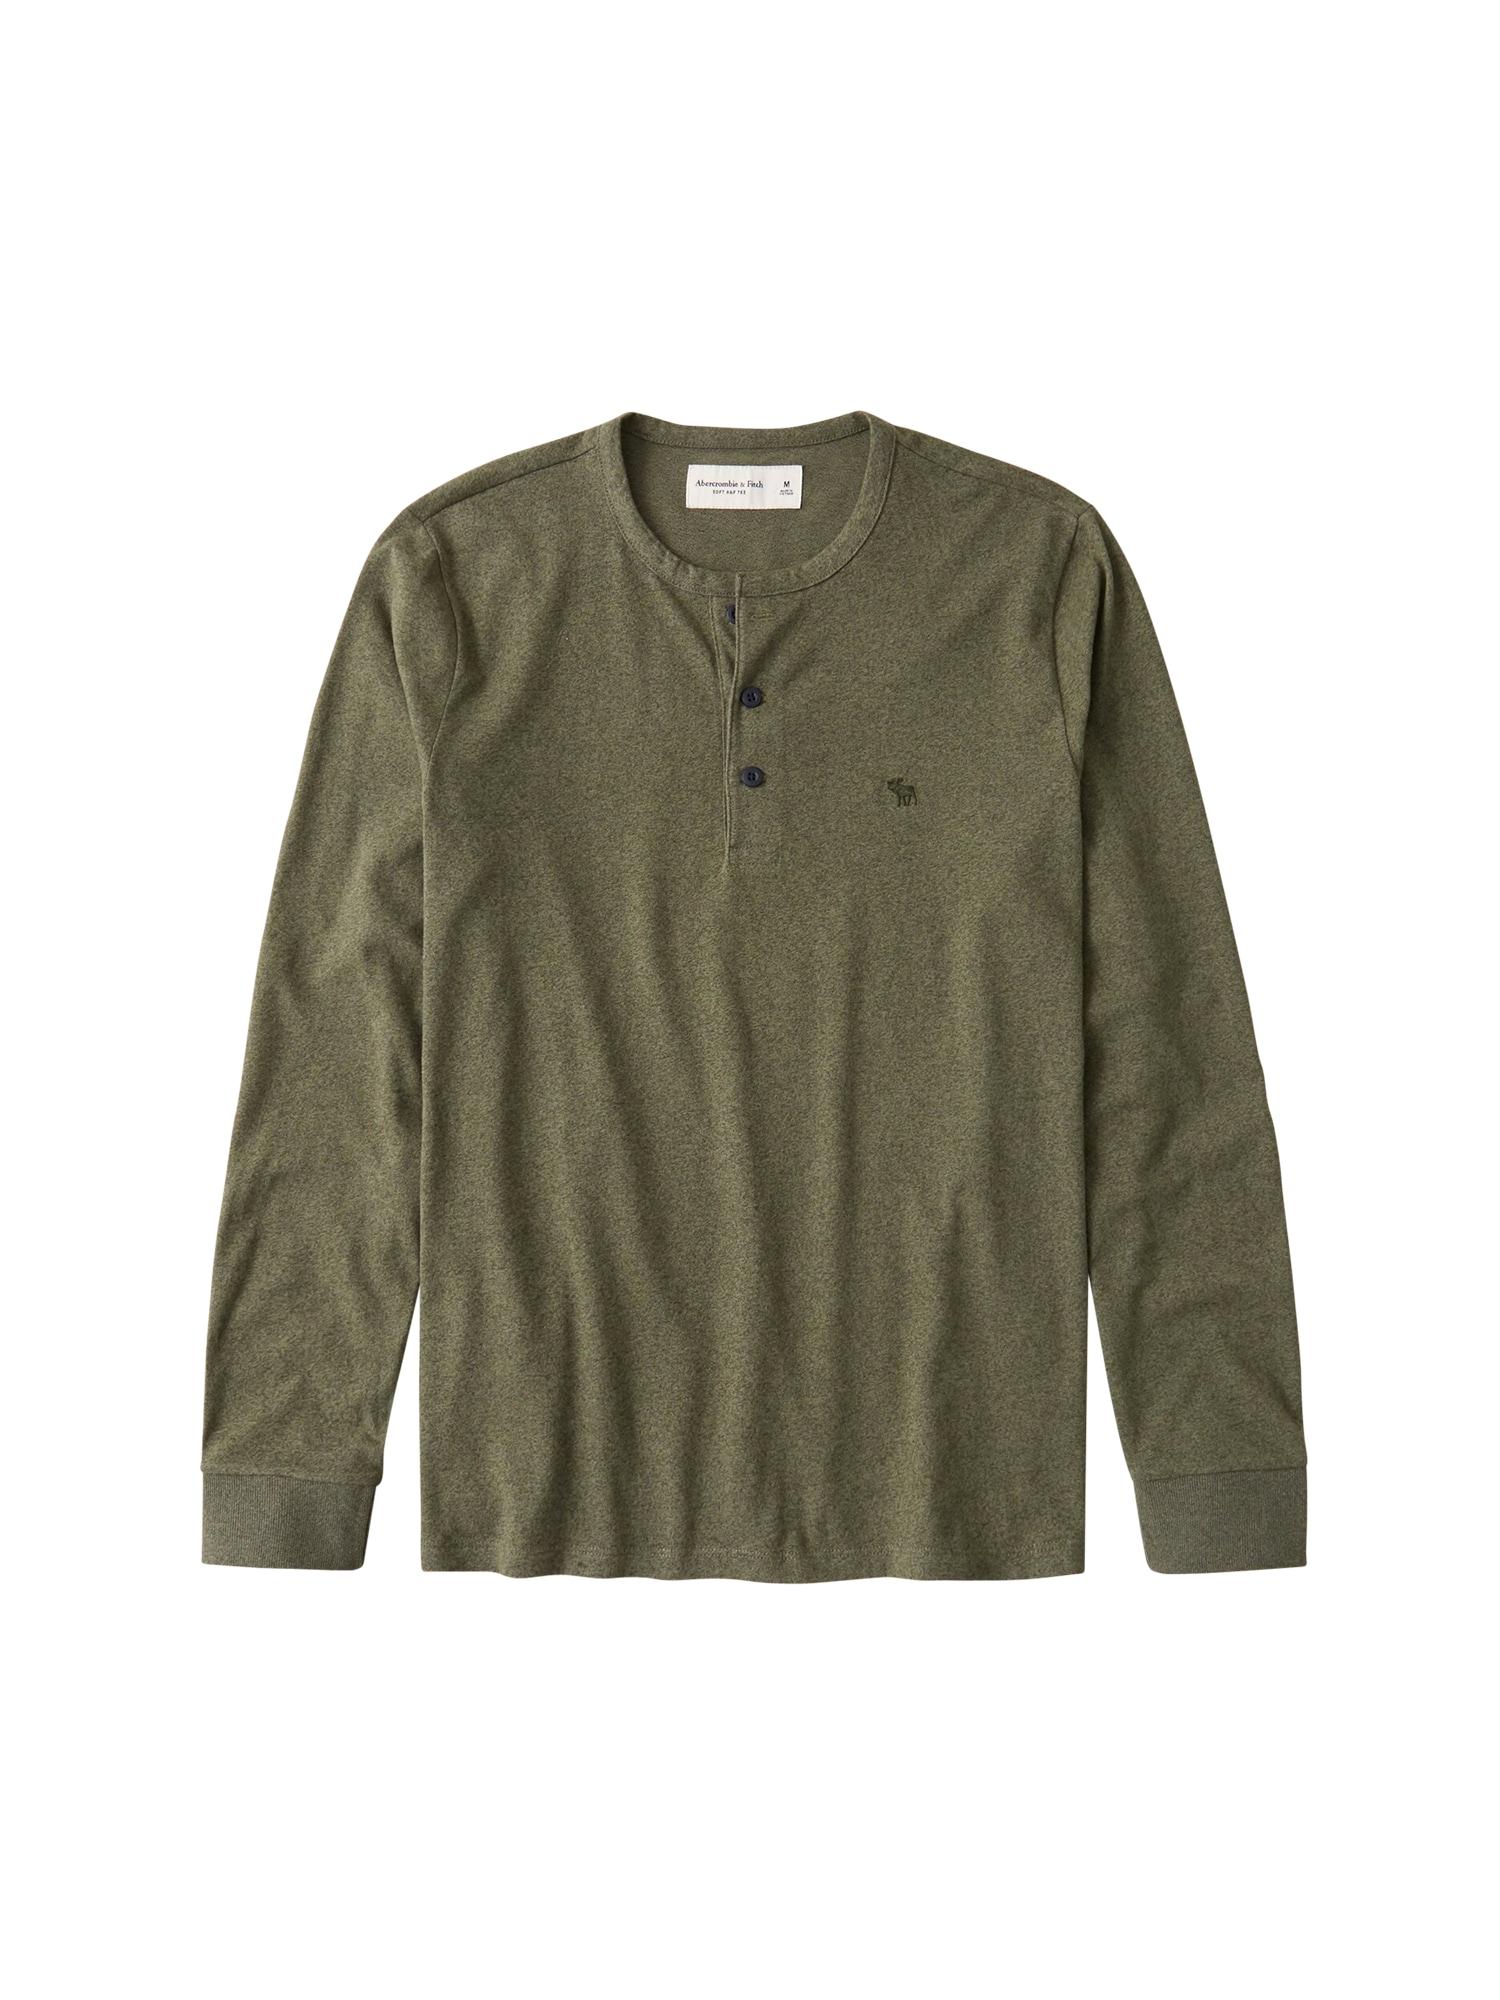 Abercrombie & Fitch Marškinėliai žalia